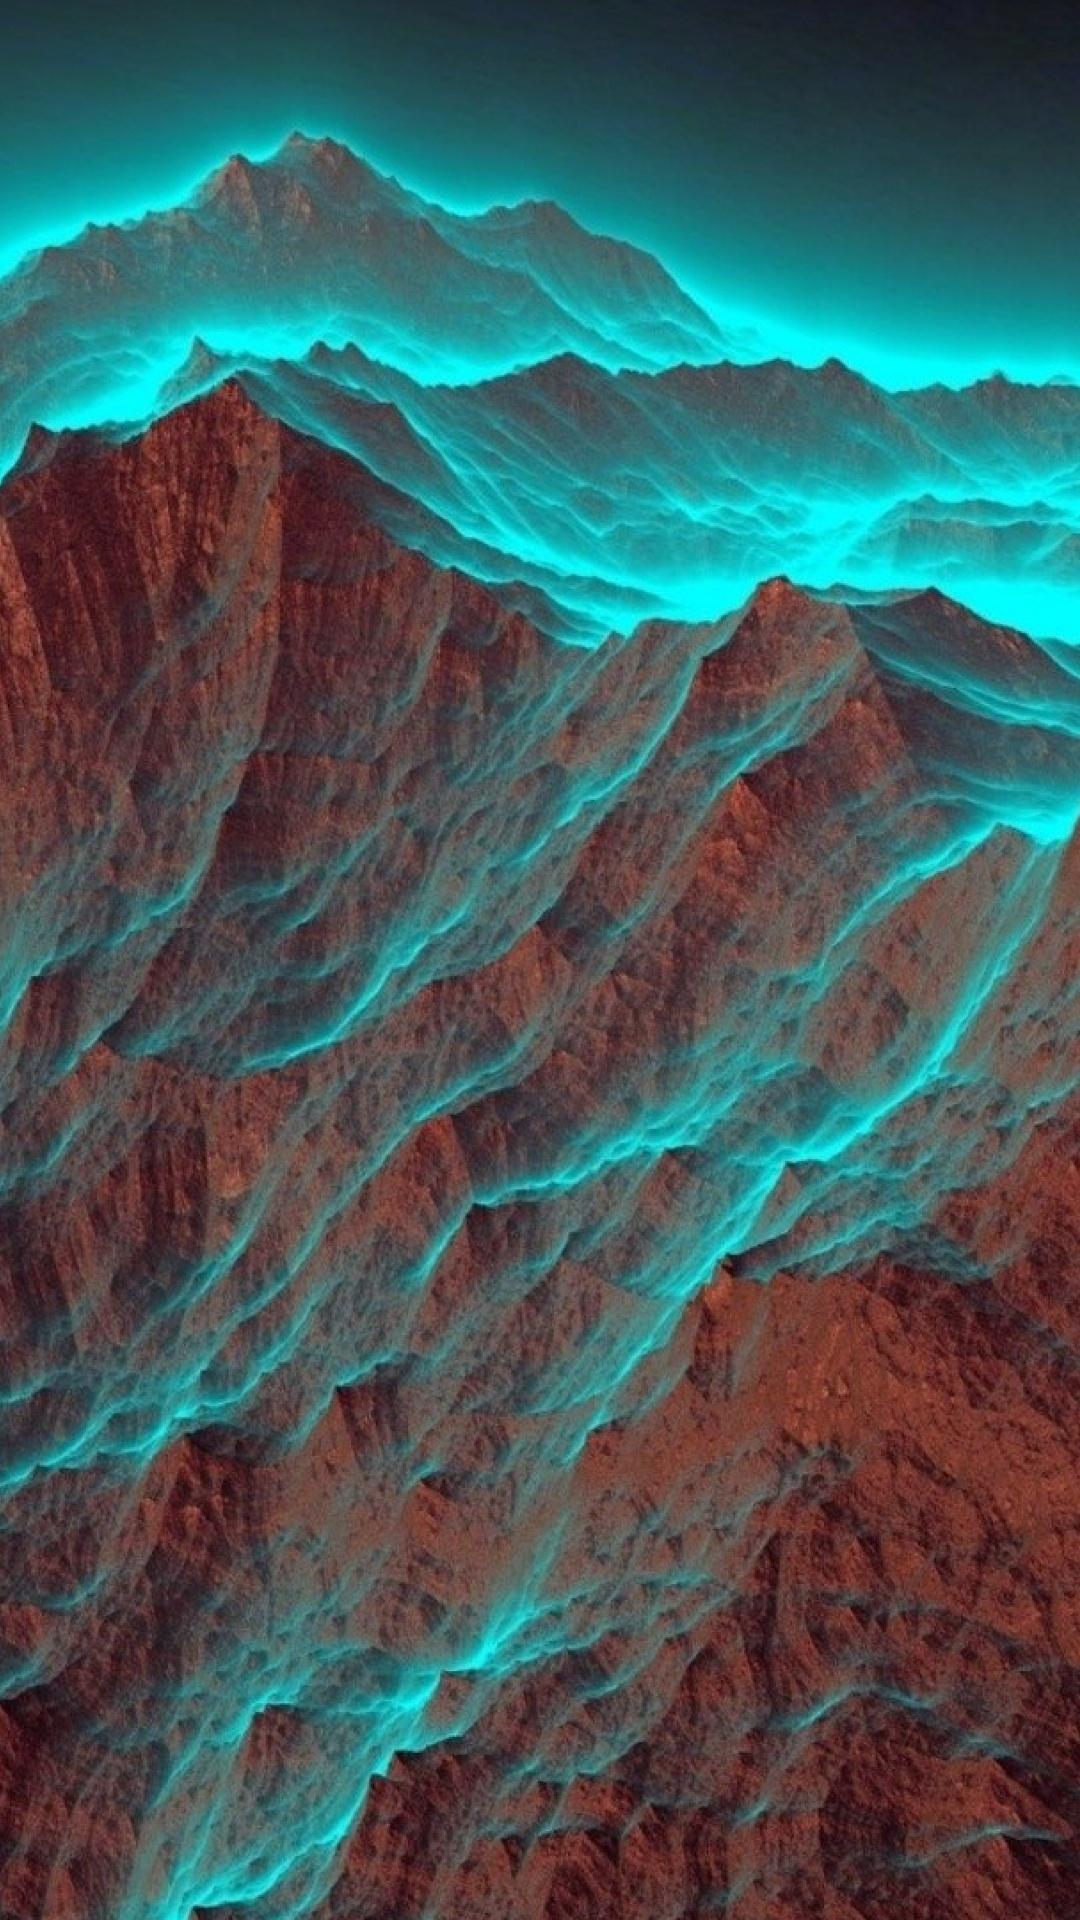 mountain-top-landscape-dreamy-fantasy-4k-5a.jpg